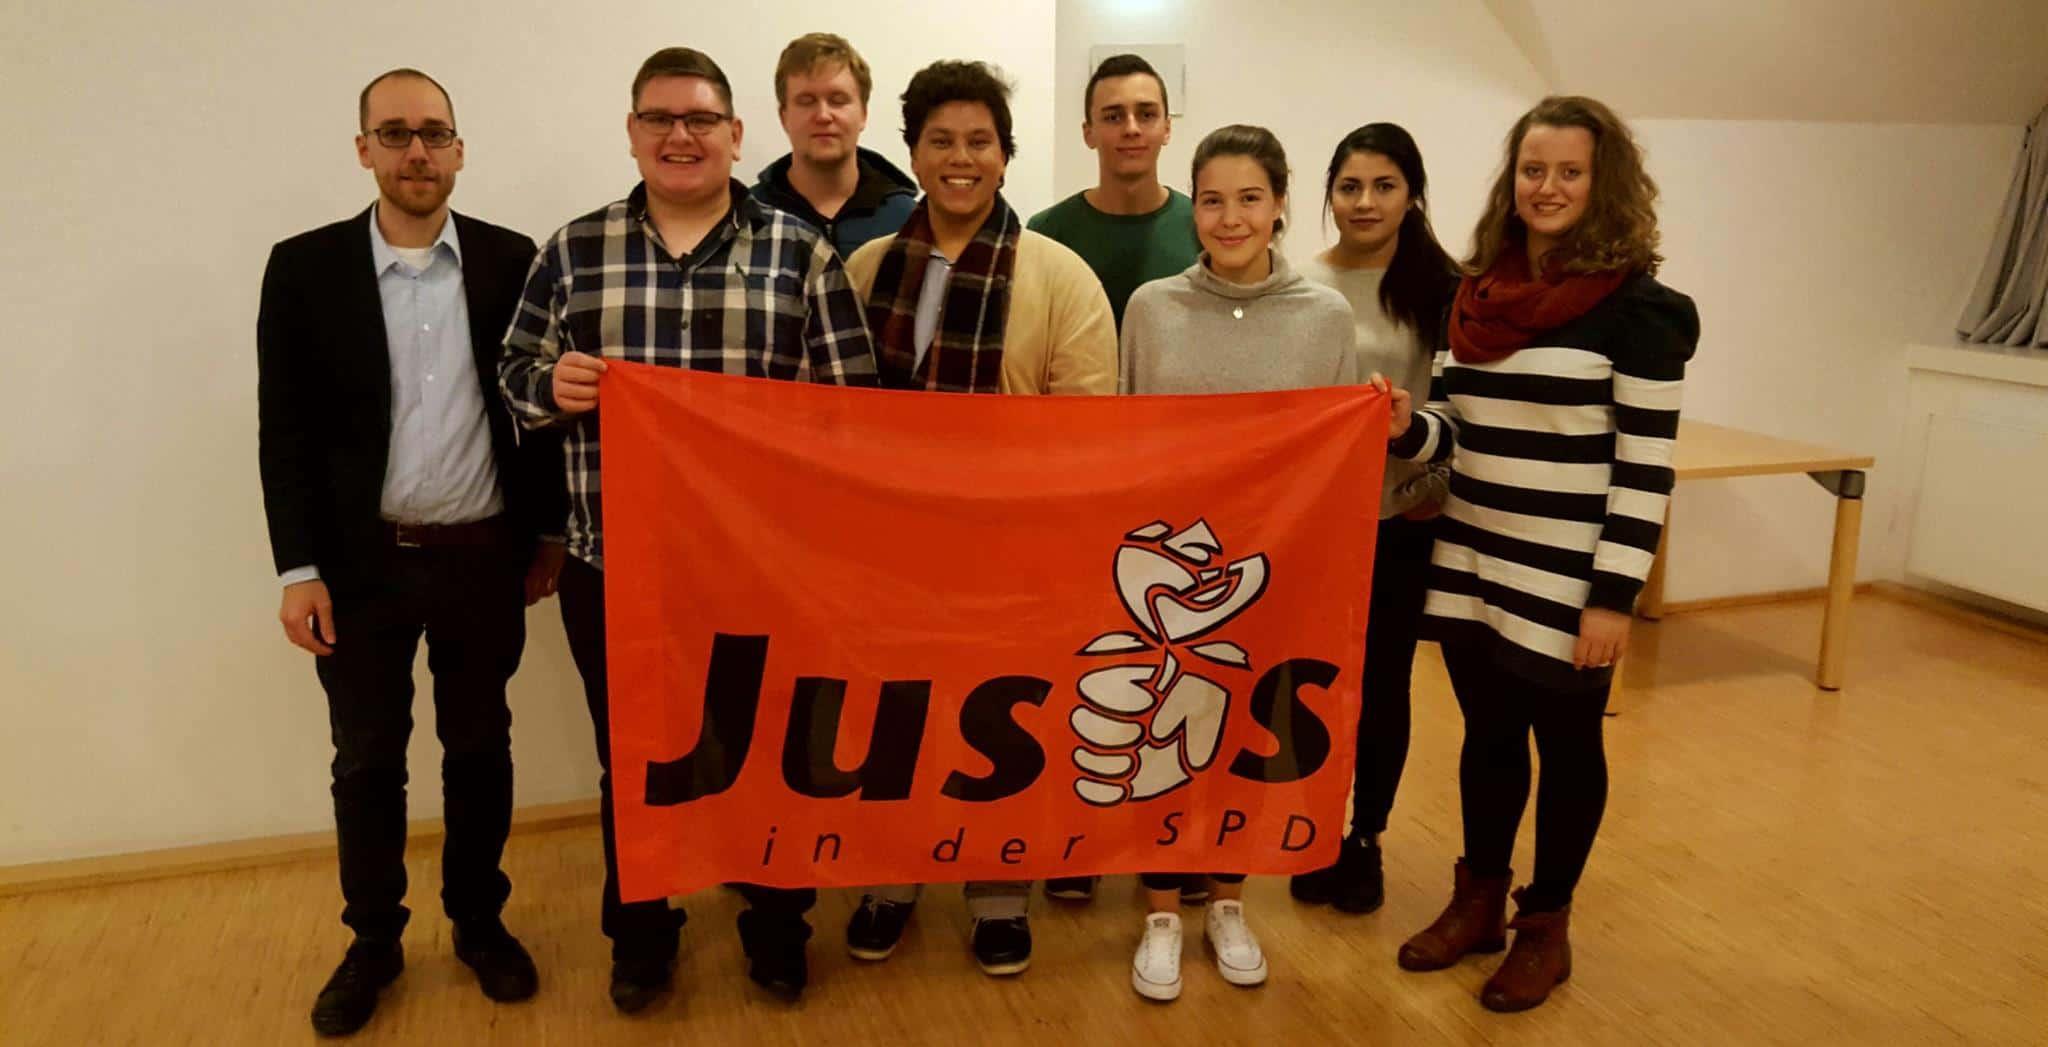 Jusos Boppard wählen neuen Vorstand